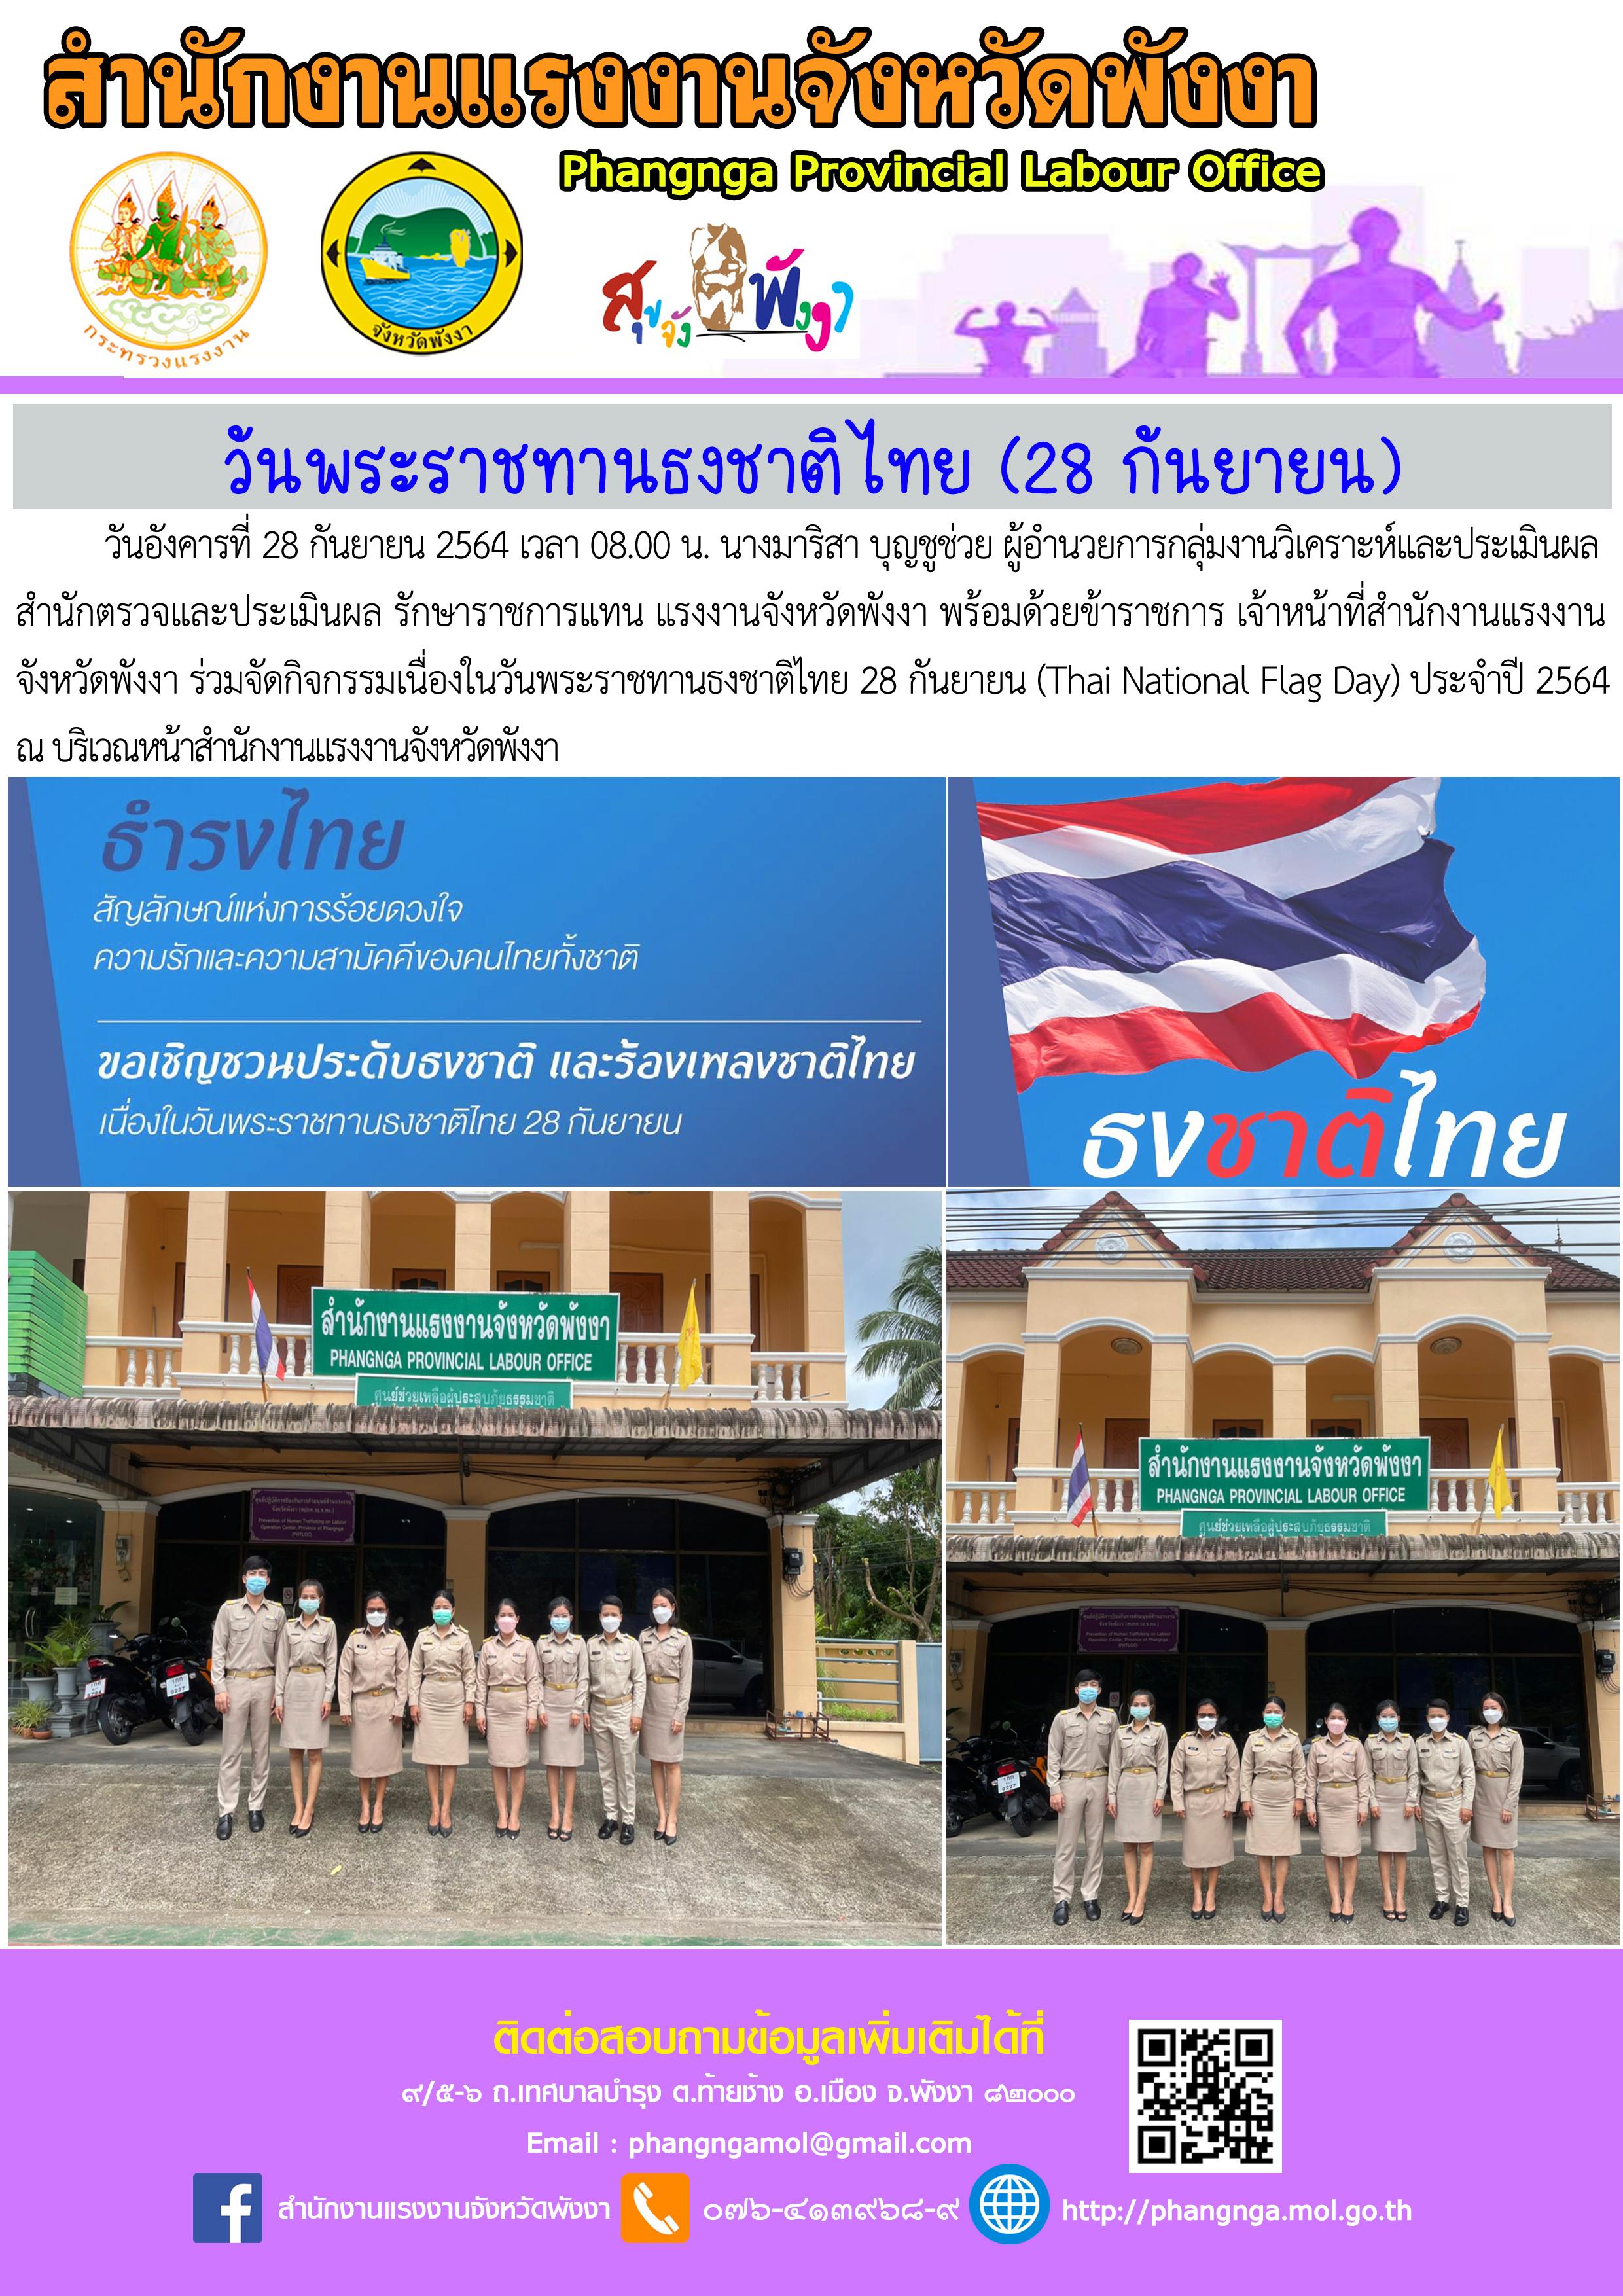 วันพระราชทานธงชาติไทย (28 กันยายน)